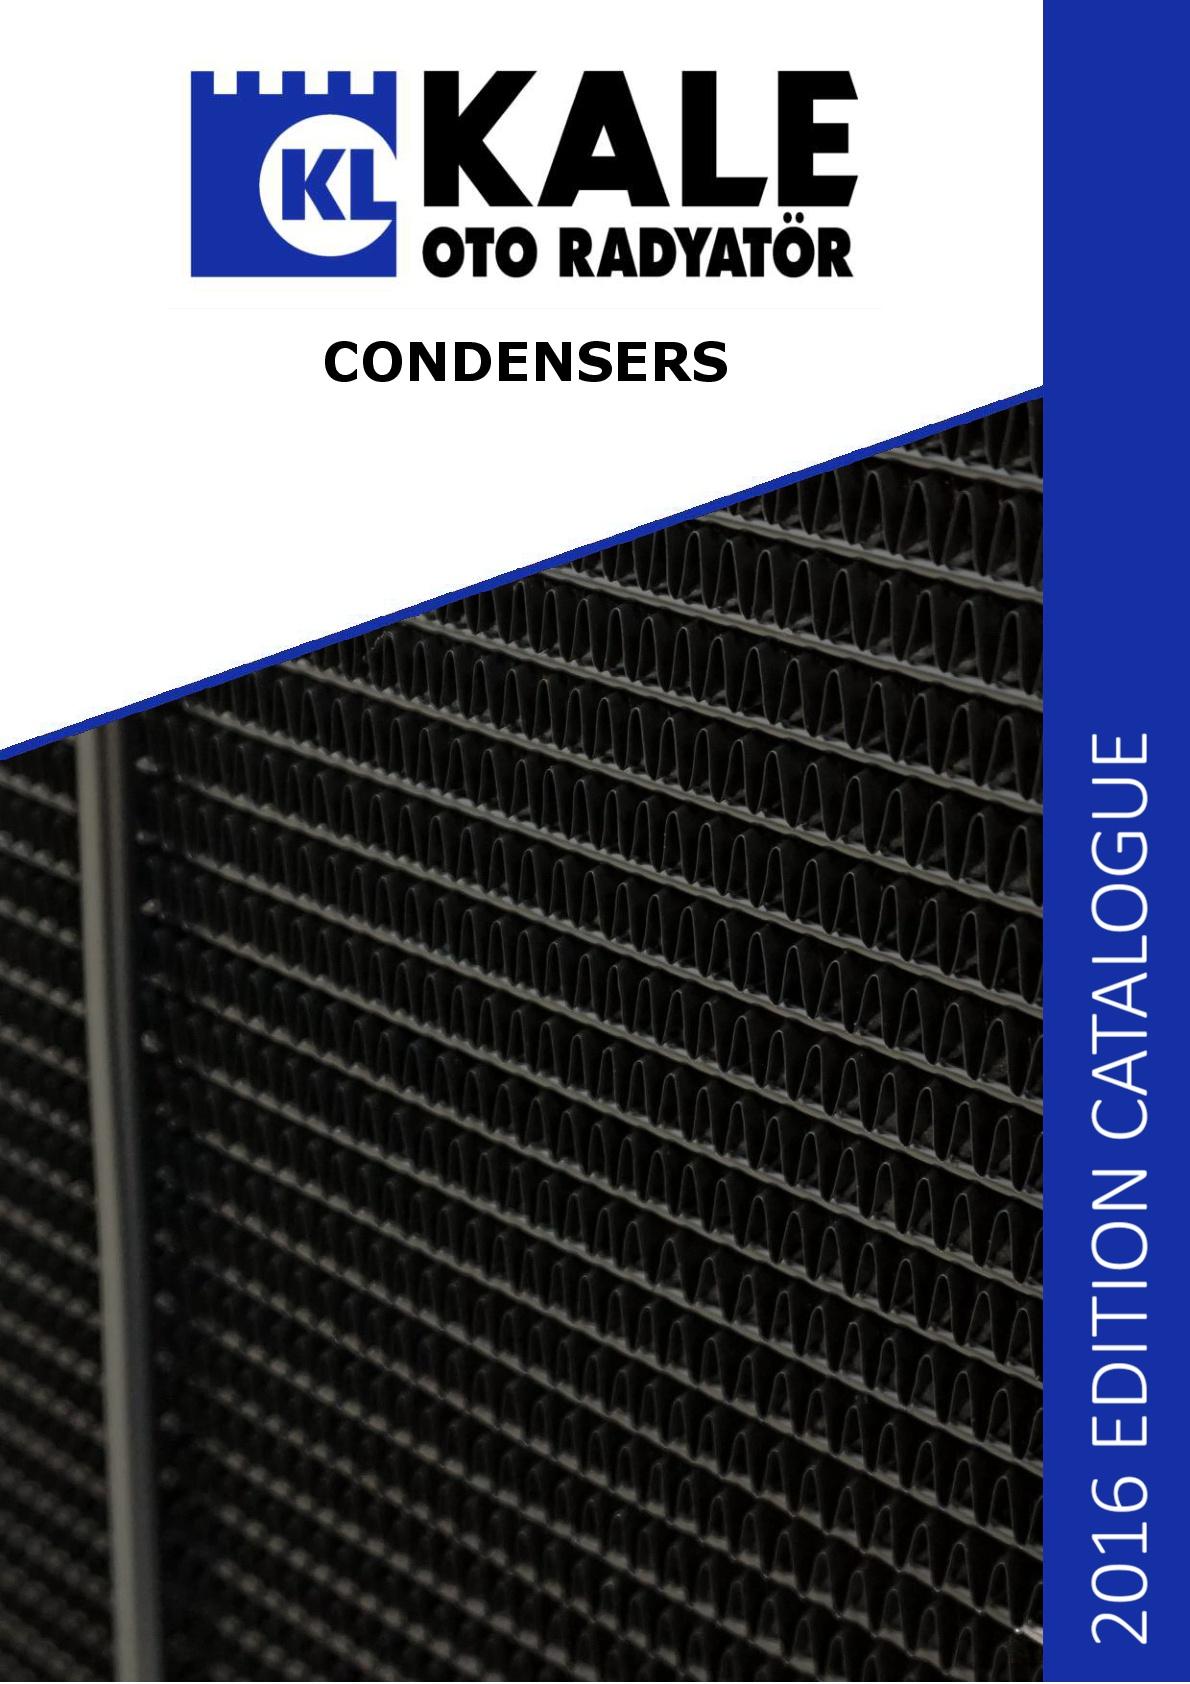 Kale-Condenser-Catalogue-Cover-2016-001